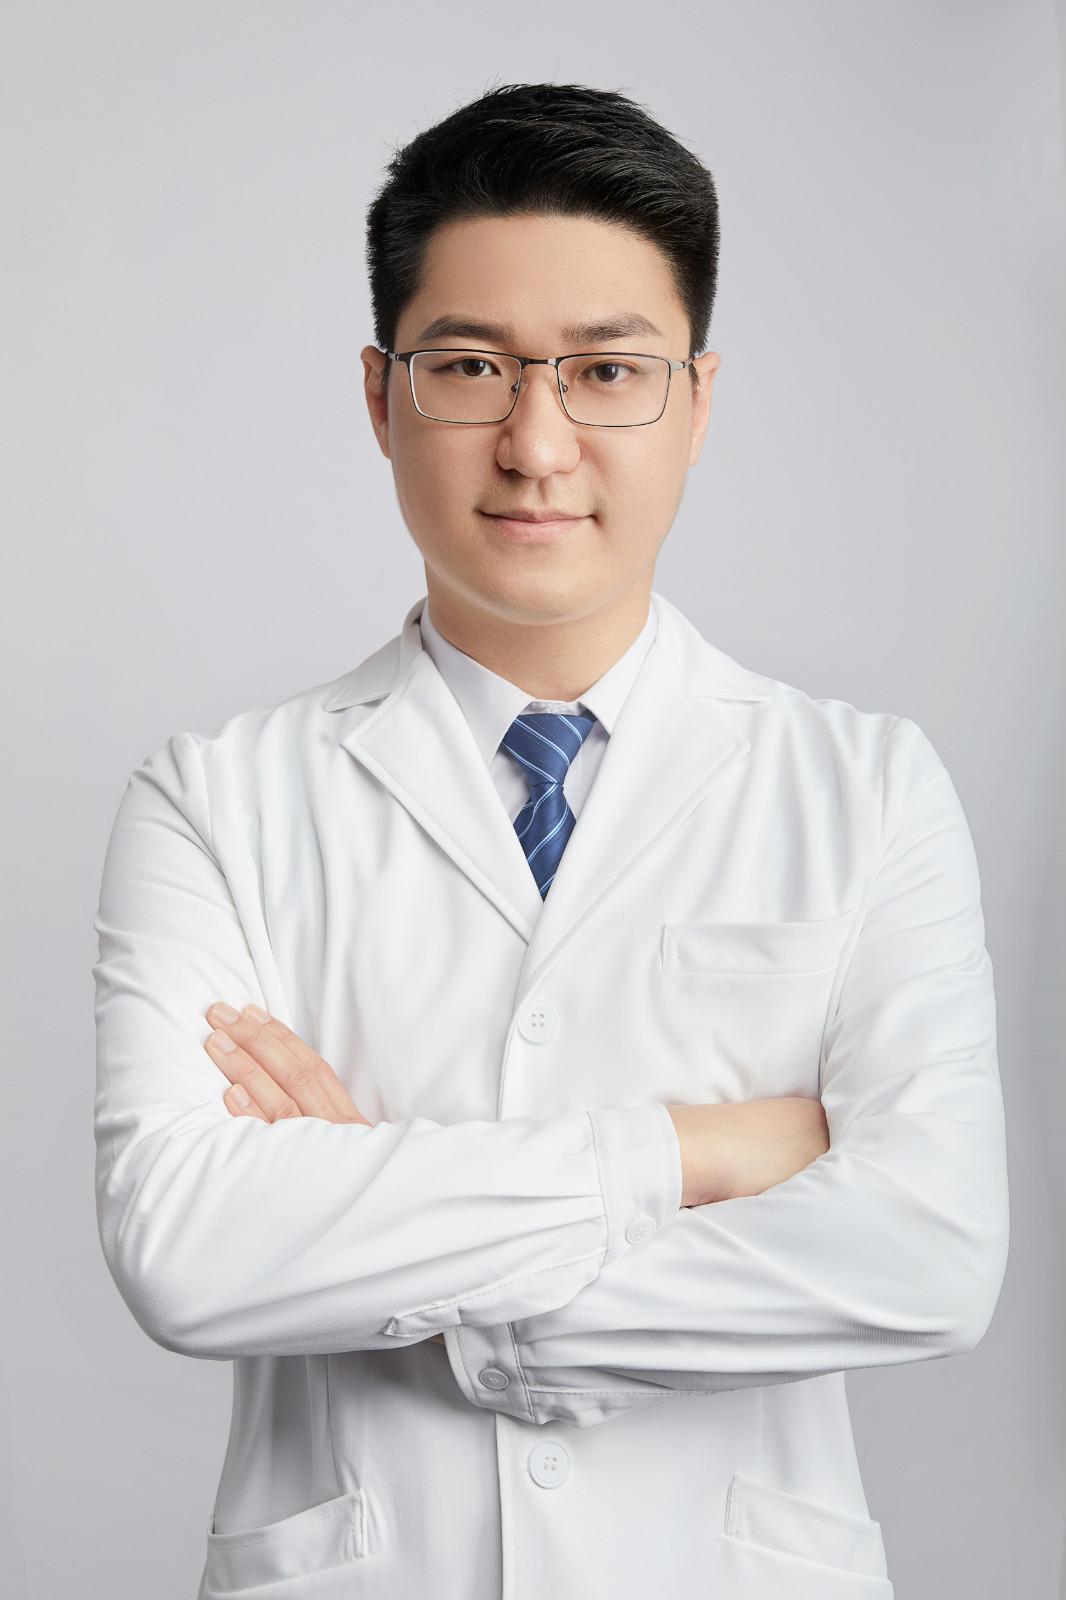 矯正名醫陳何熙主任:追求醫療本質,做暖心的牙醫